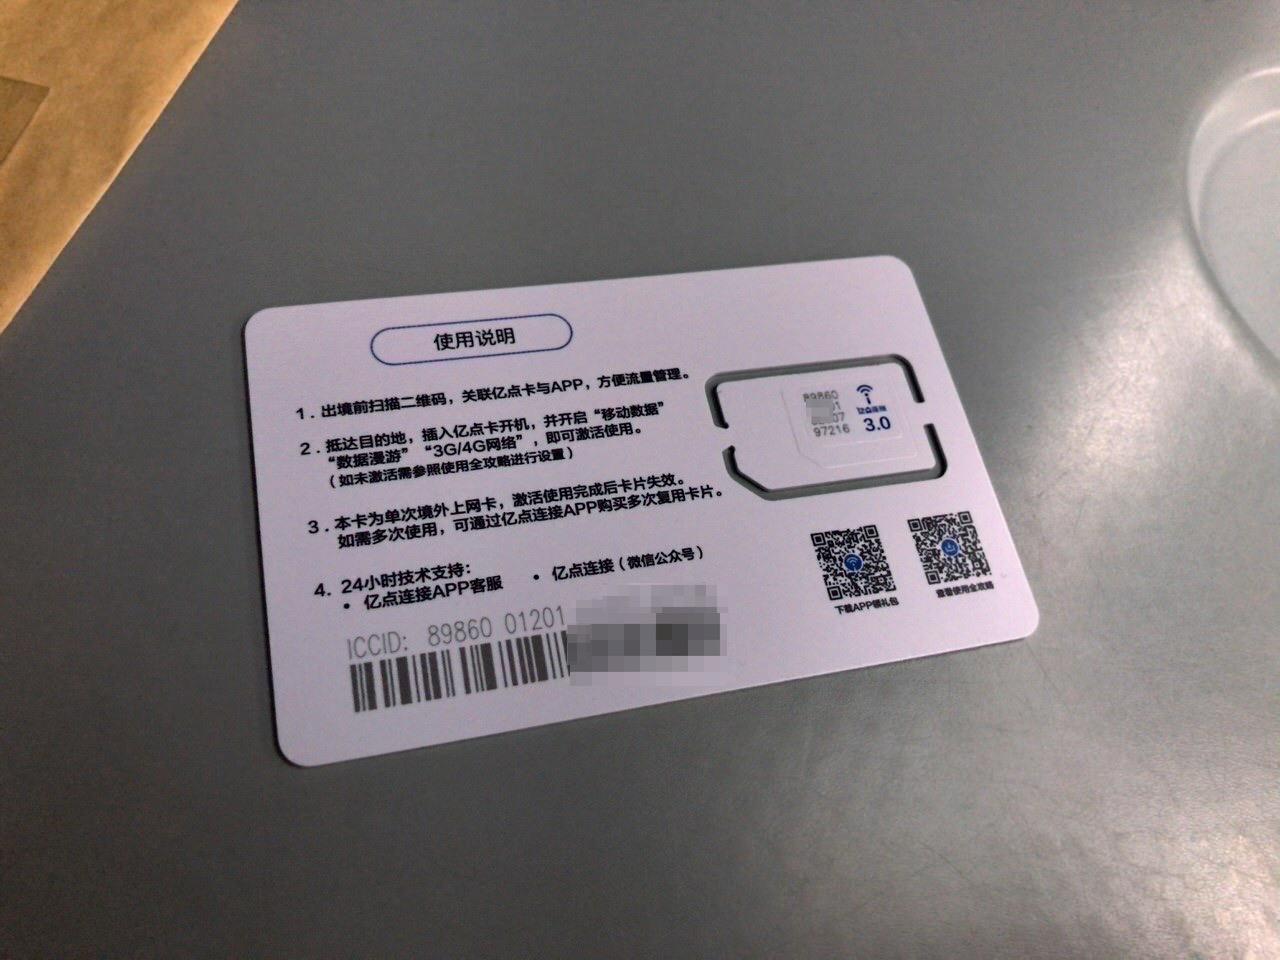 【マレーシア】4Gデータ通信量無制限で880円のSIMカード【レビュー】